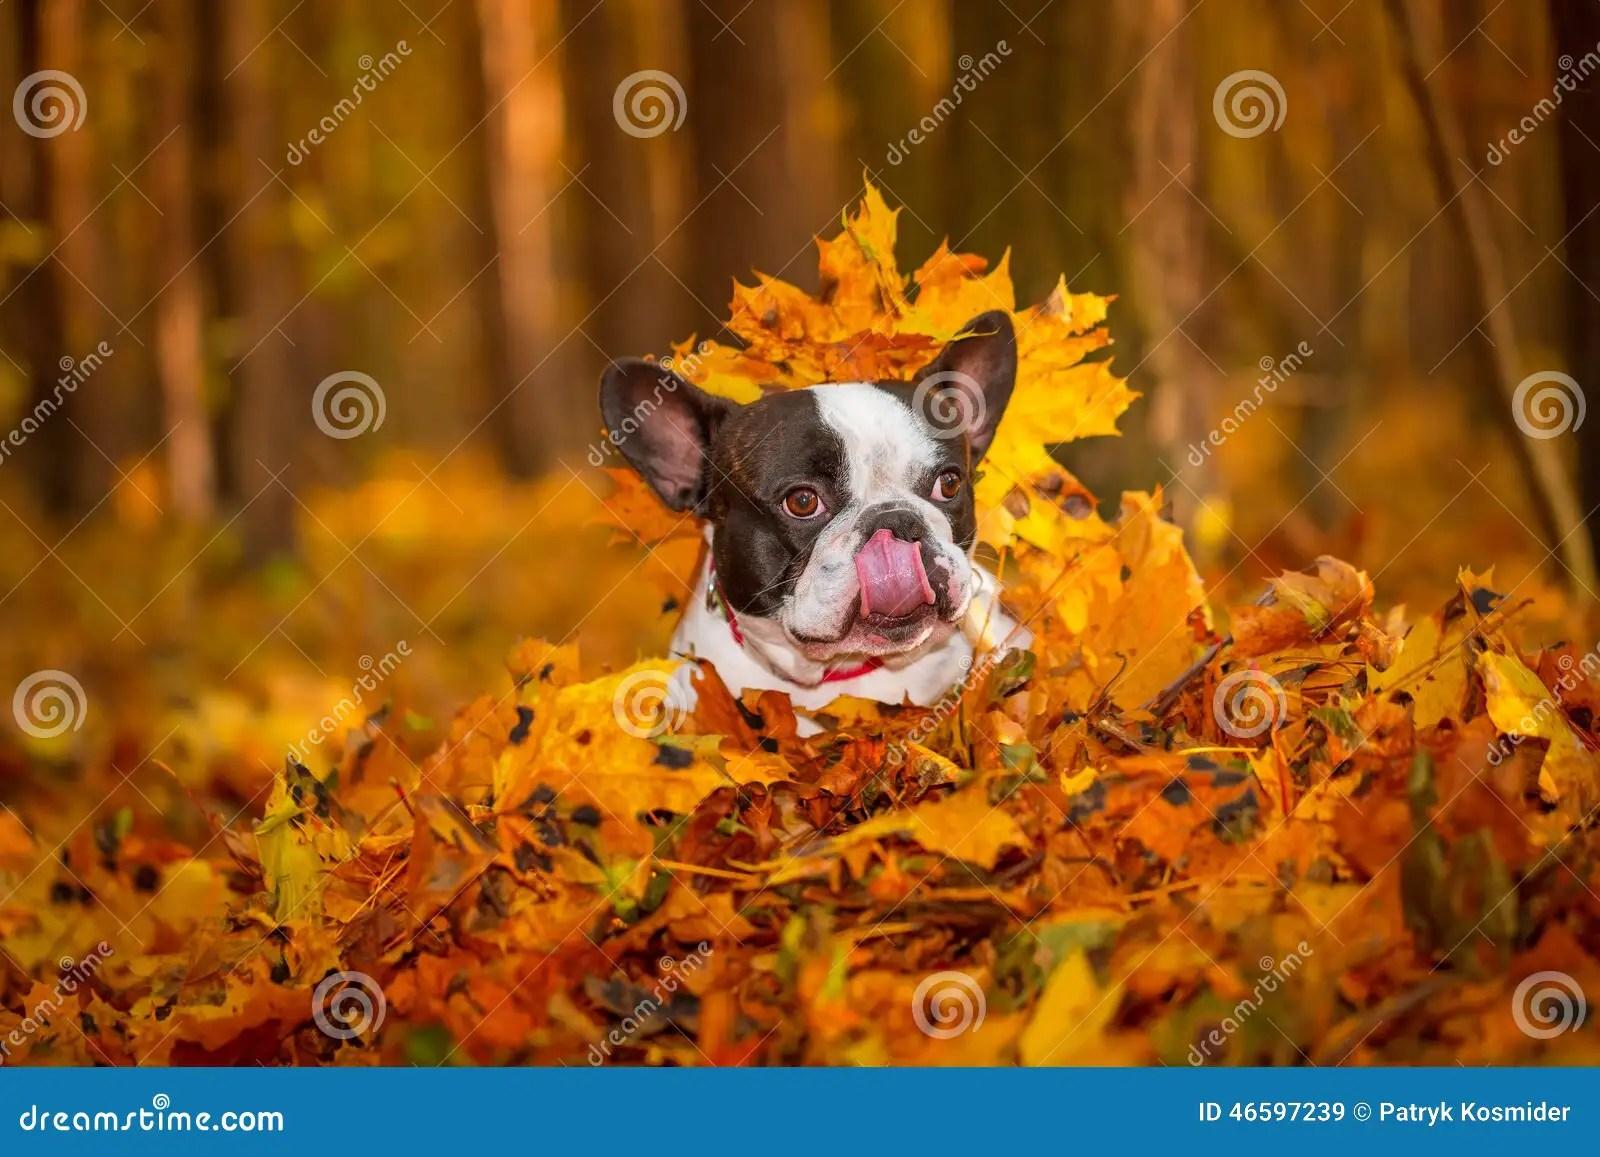 Cane Nel Paesaggio Autunnale Immagine Stock  Immagine di nazionale puntino 46597239